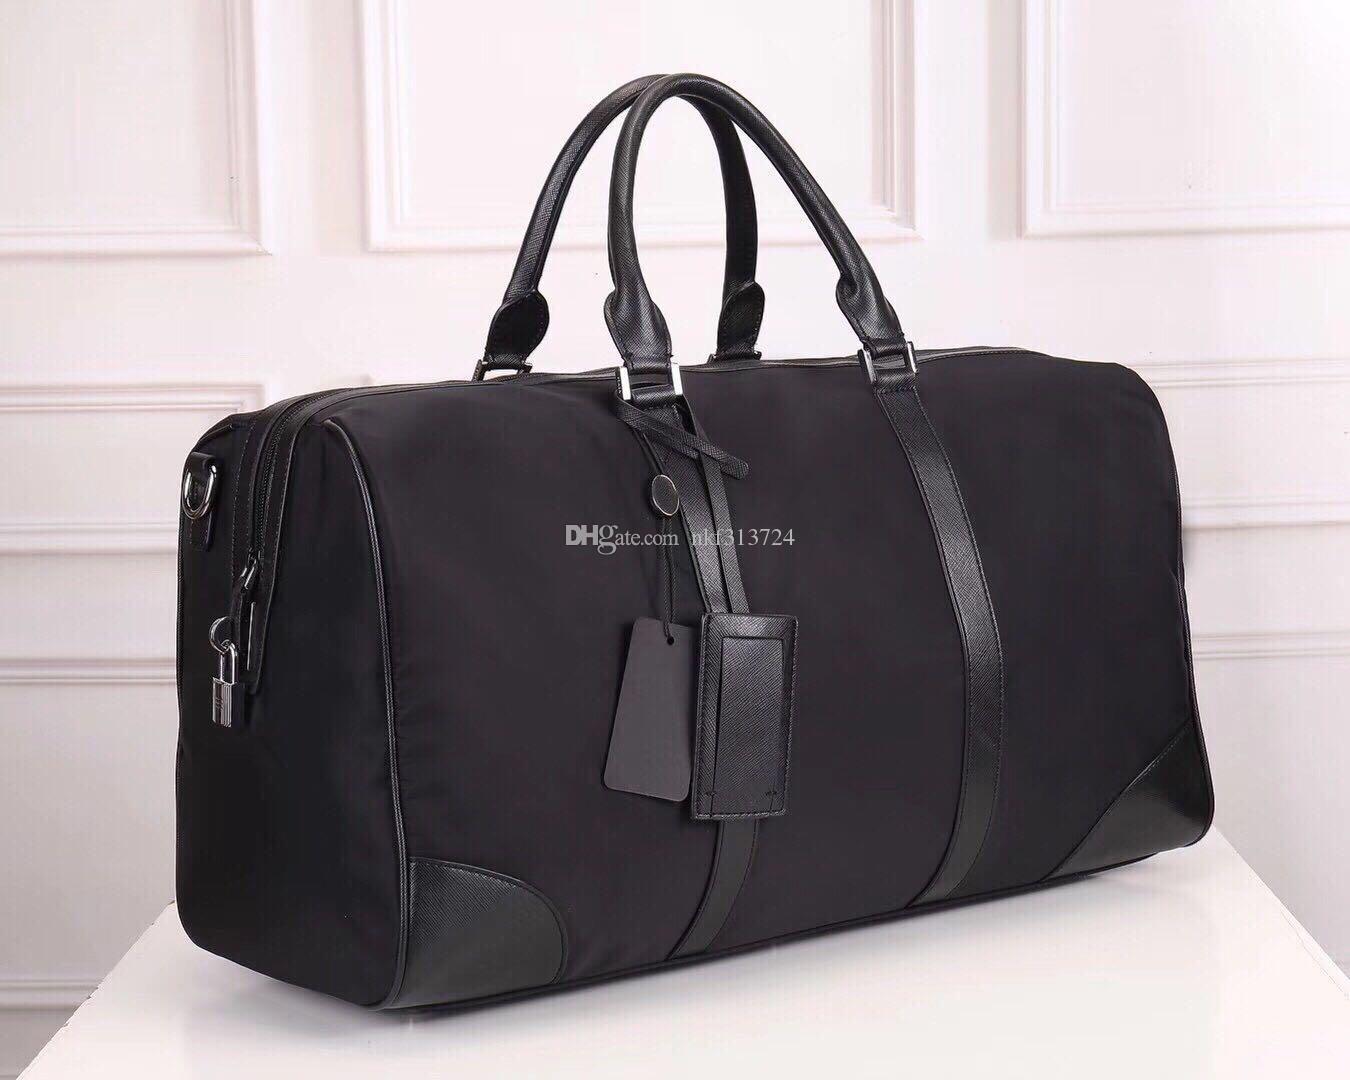 Diseñador bolsas de viaje de lujo de los hombres de bolsas de viaje cuero impermeable Oxford asas de bolsos de moda de lujo gran capacidad de almacenamiento Bolsas